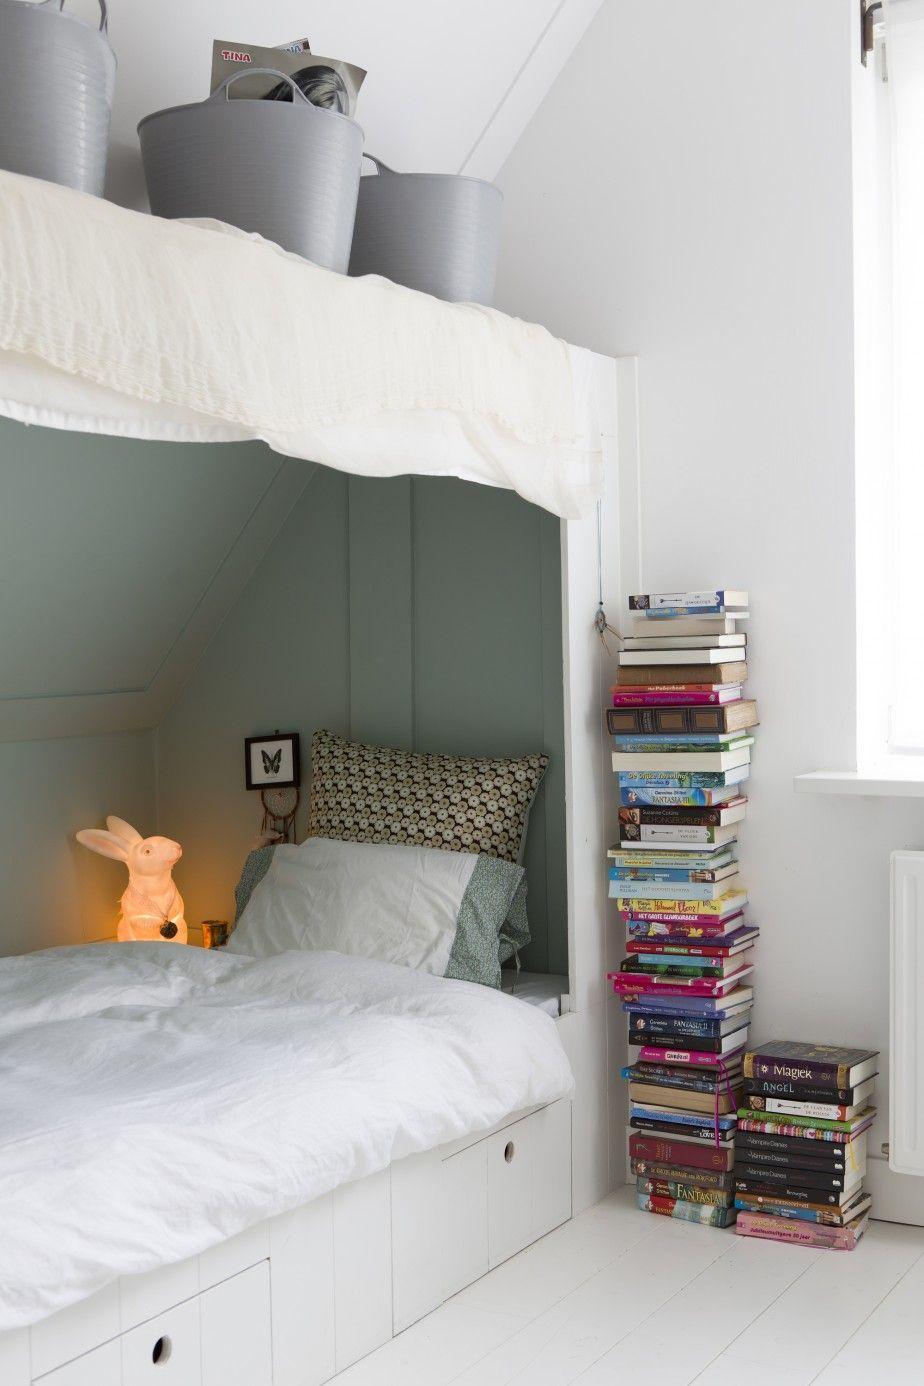 kinder-slaapkamer | boeren schuren | pinterest | rook, amsterdam, Deco ideeën